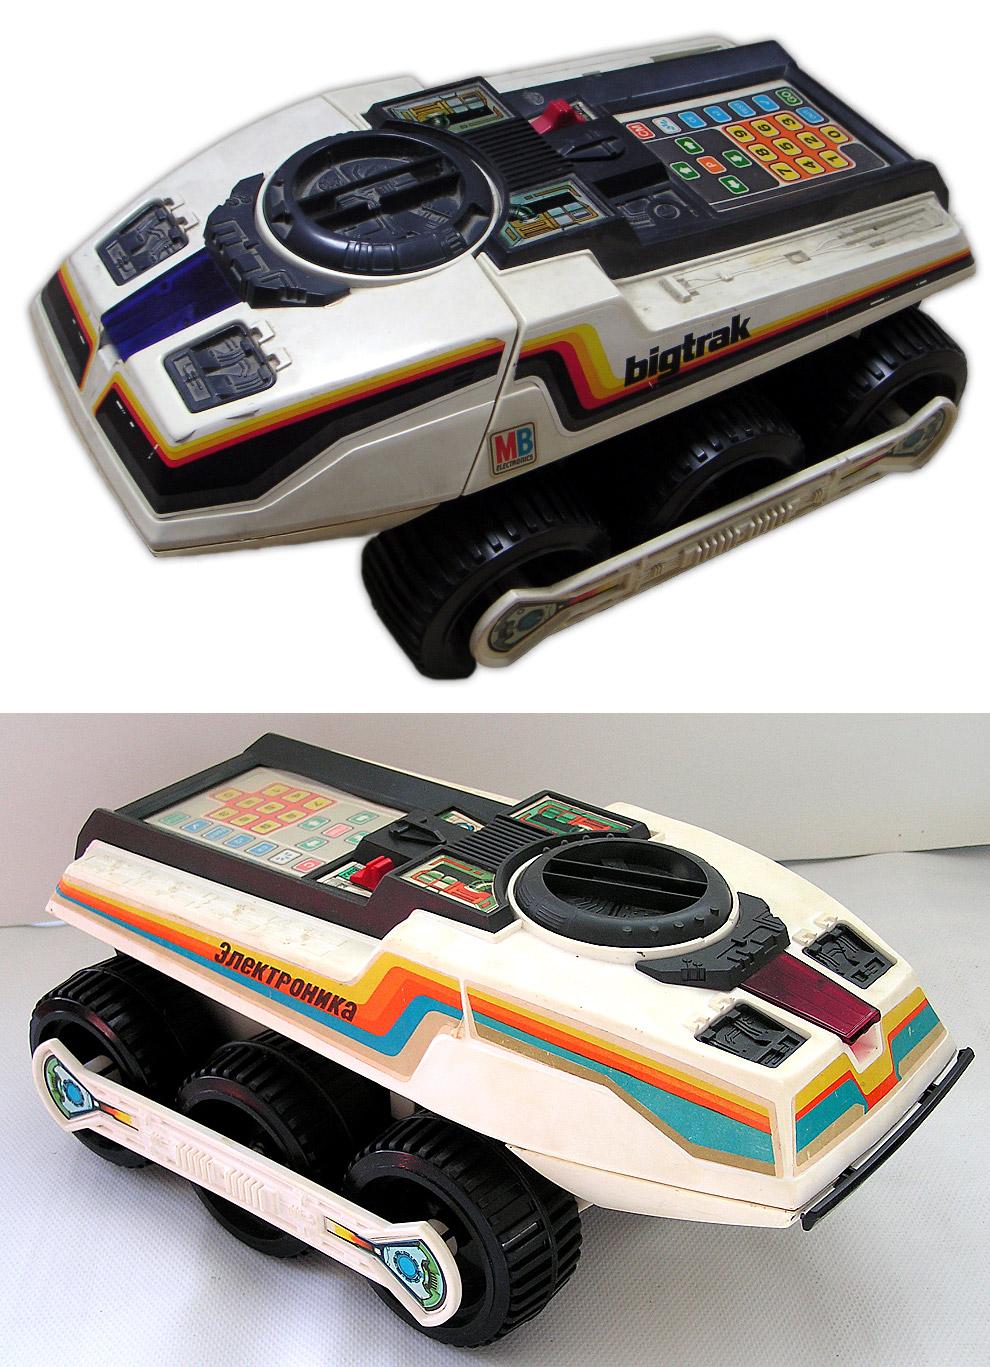 Электроника ИМ-11 «Луноход», 1985 год — Big Trak, 1979 год